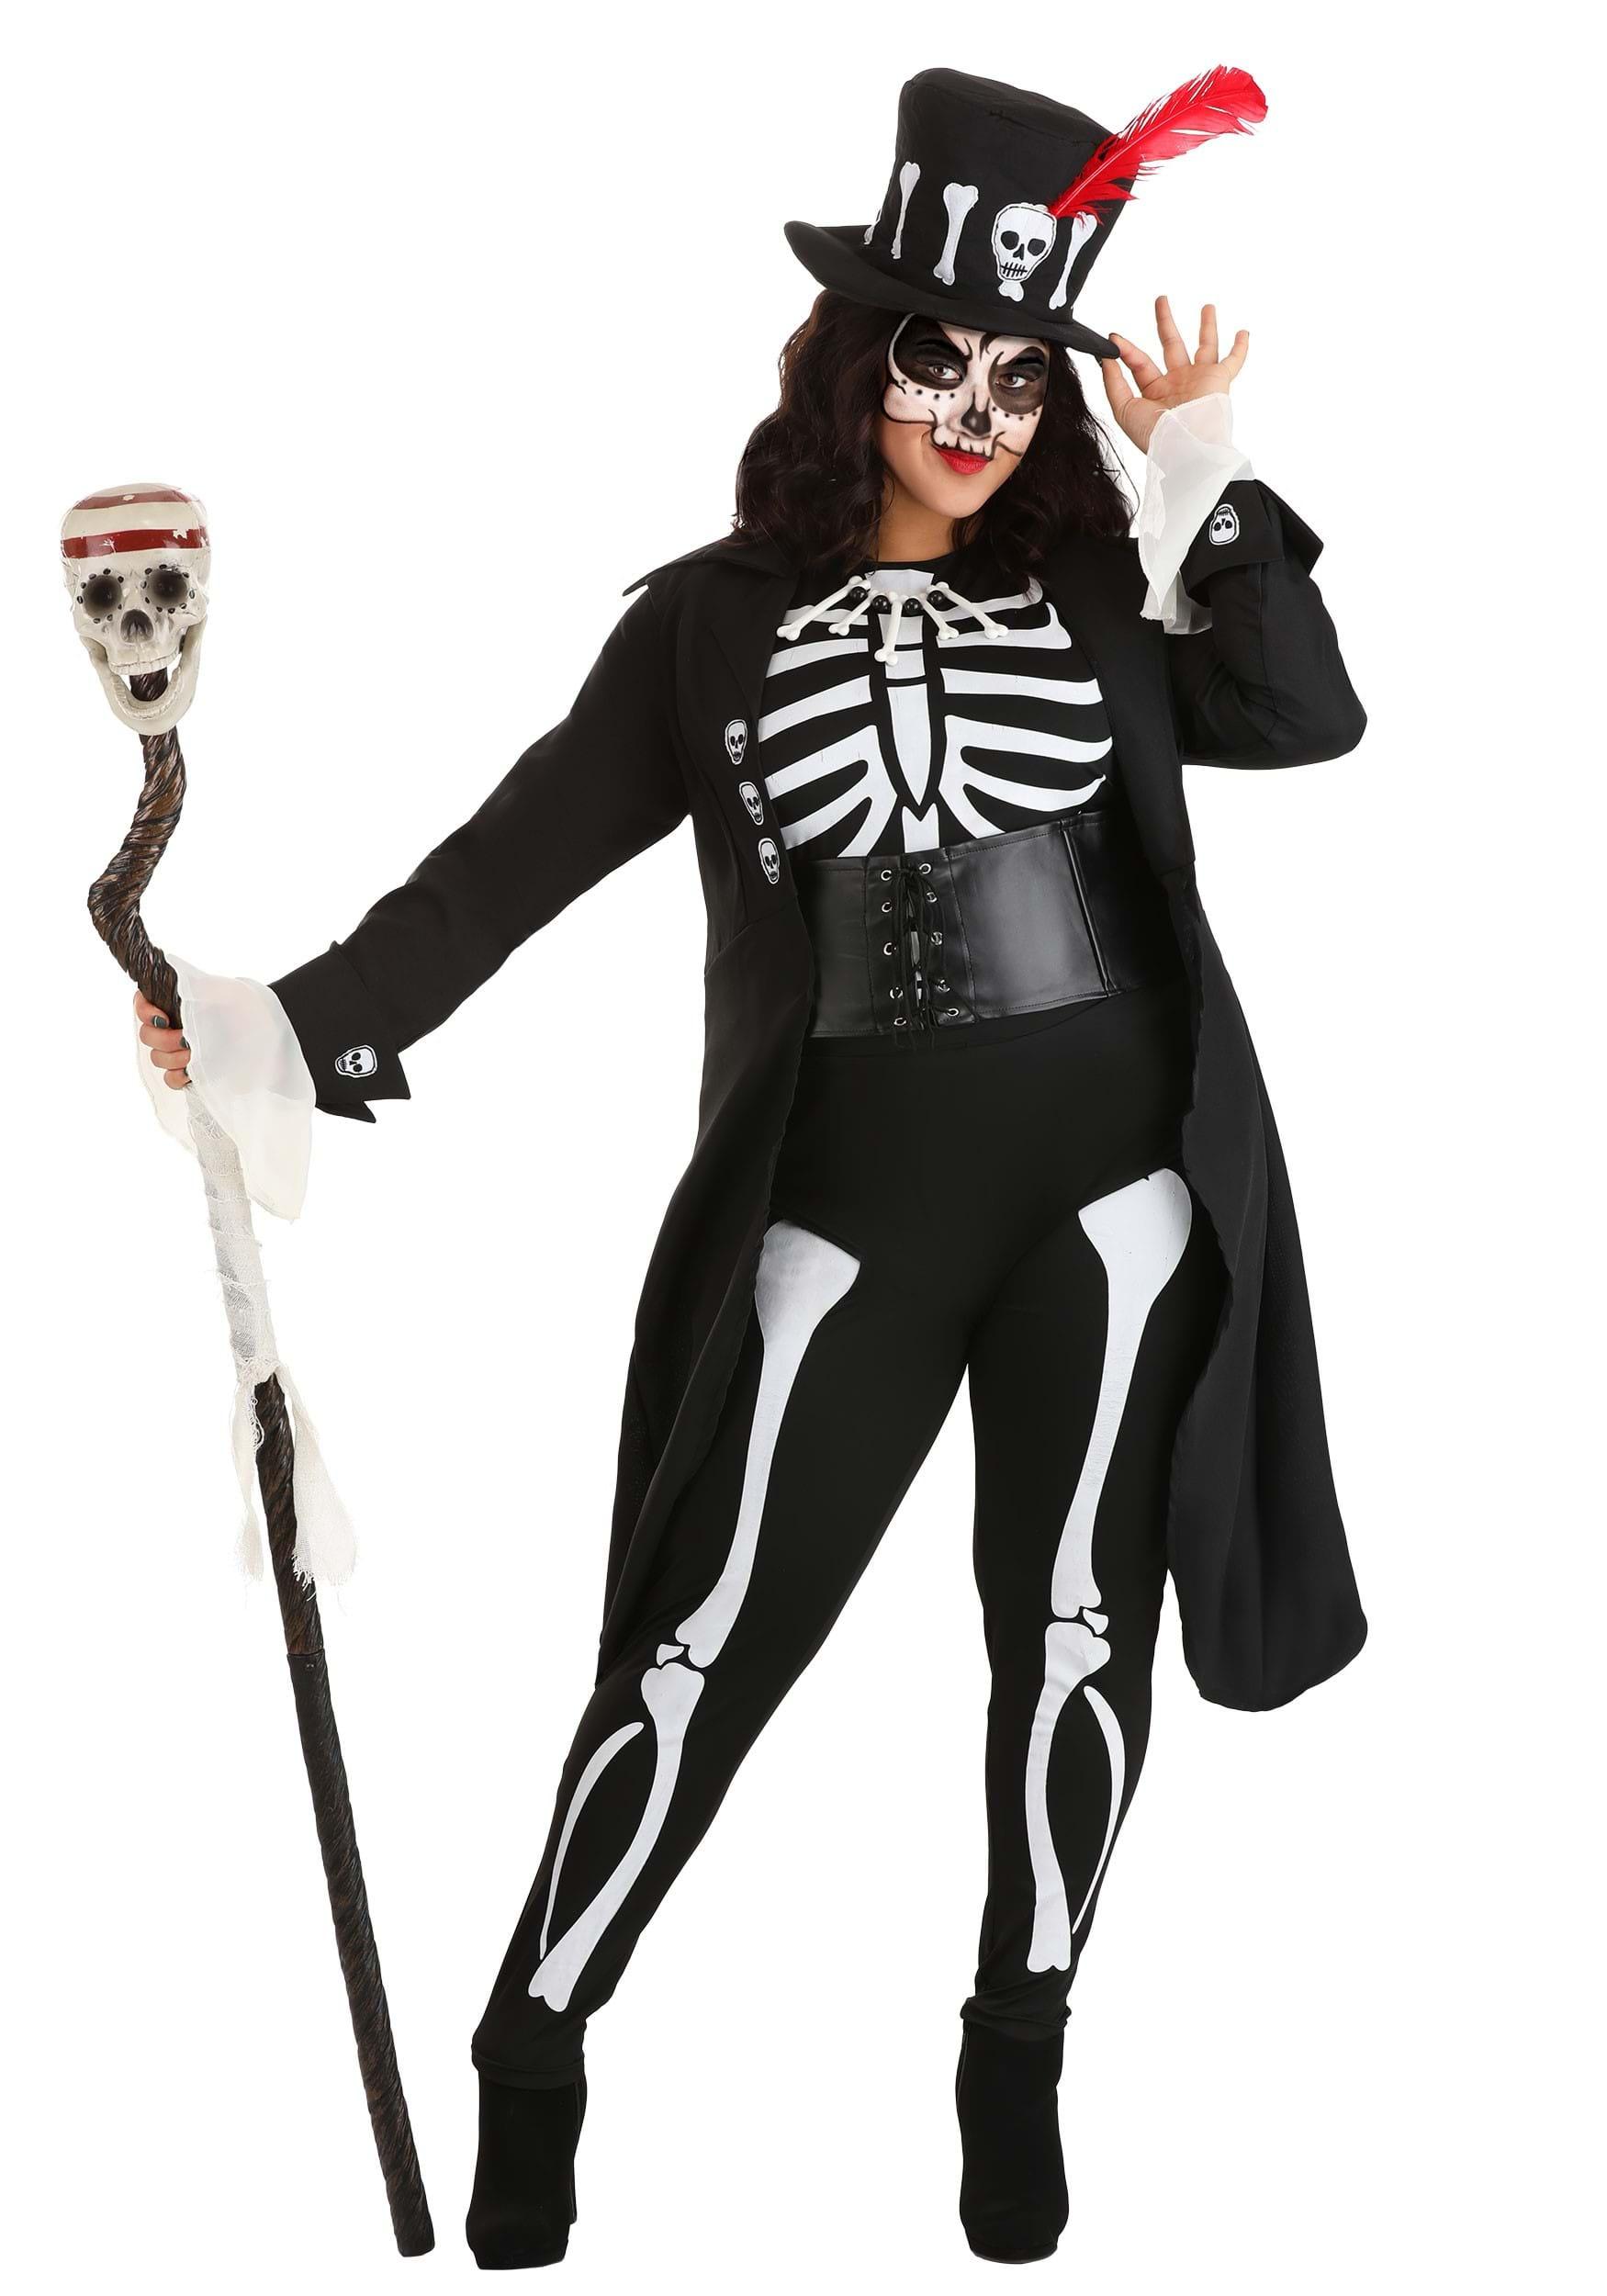 Bony Skeleton Hands Corset Top Dia de Muertos Day of the Dead Halloween Costume